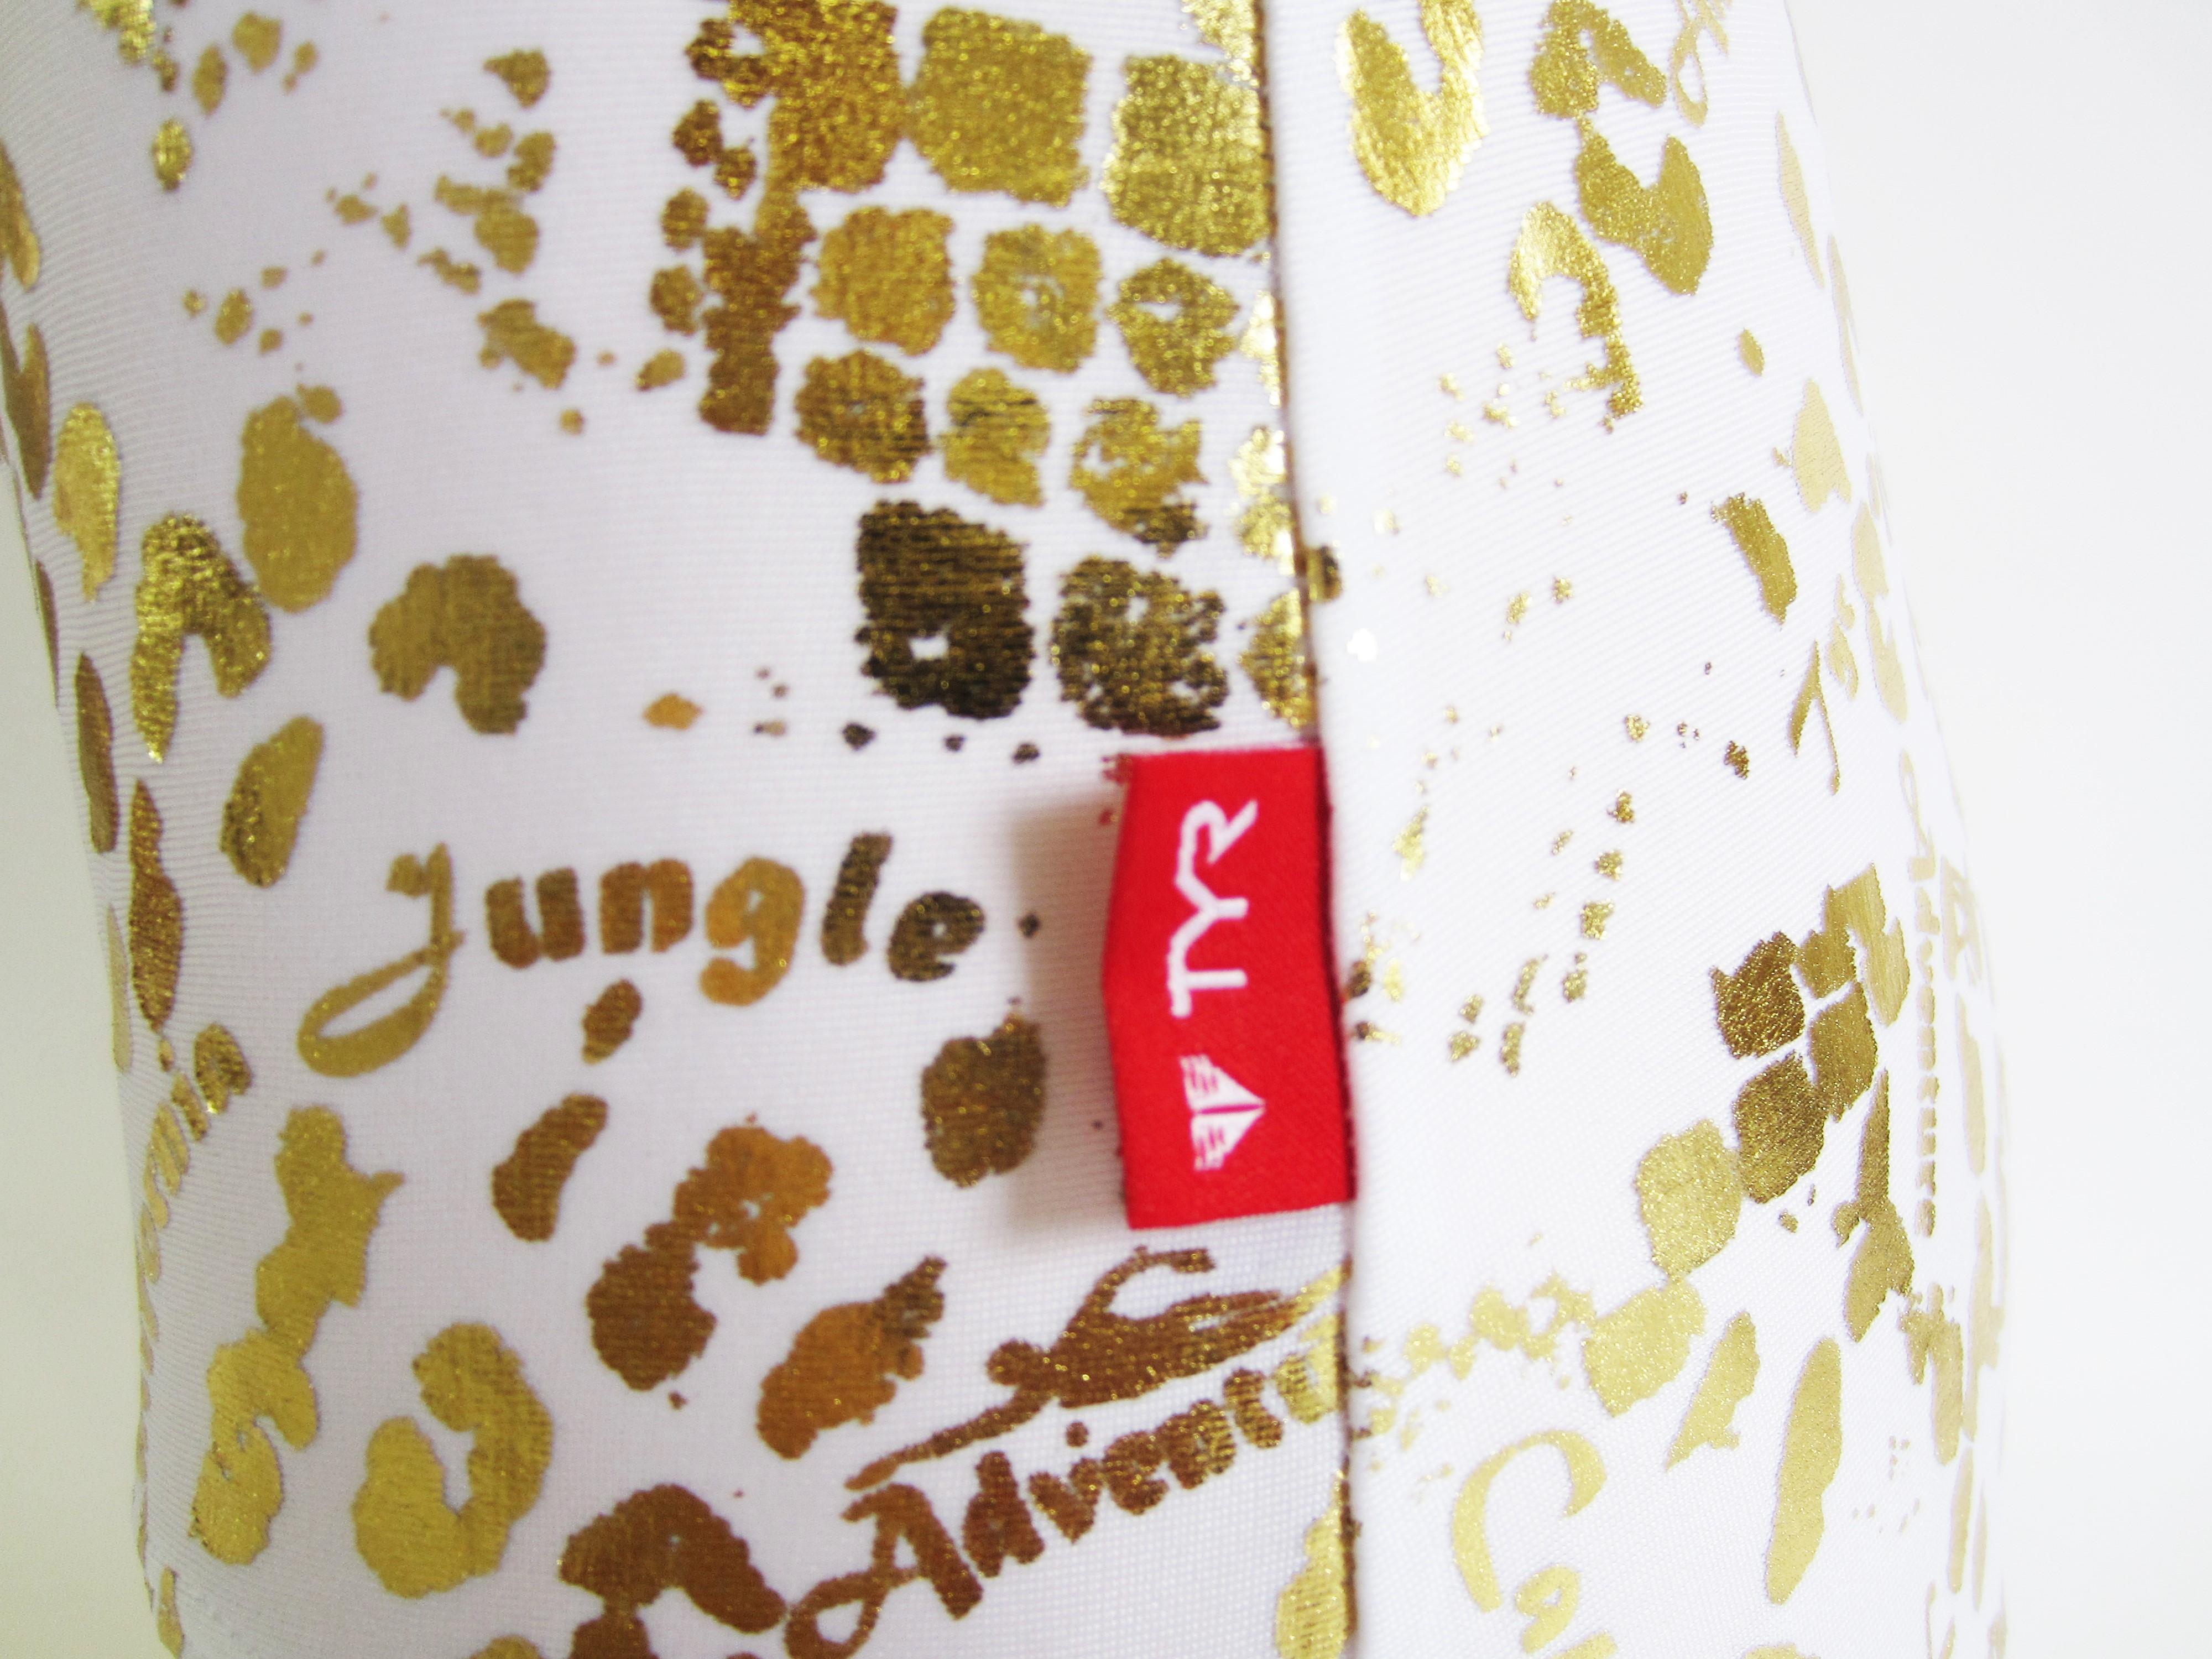 別注 TYR(ティア) ホワイト × ゴールド クロコダイル柄 スクール水着(スク水) 「スイムショプイノウエ限定」